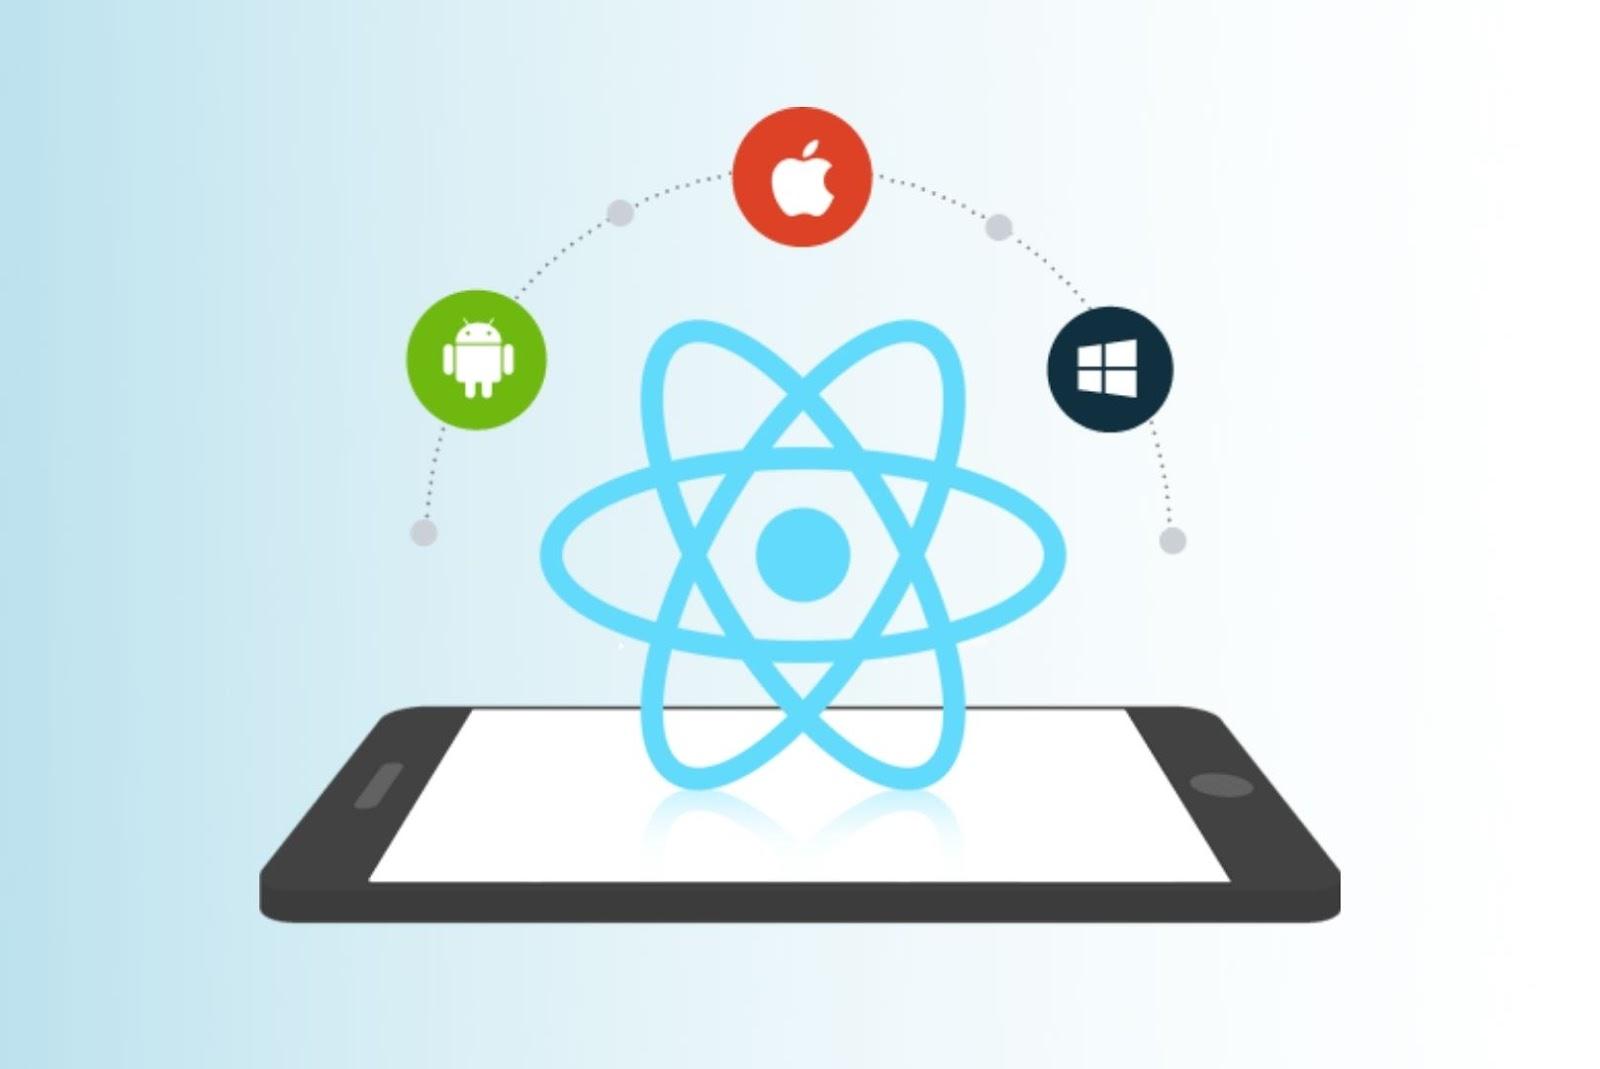 Reactjs hybrid app development